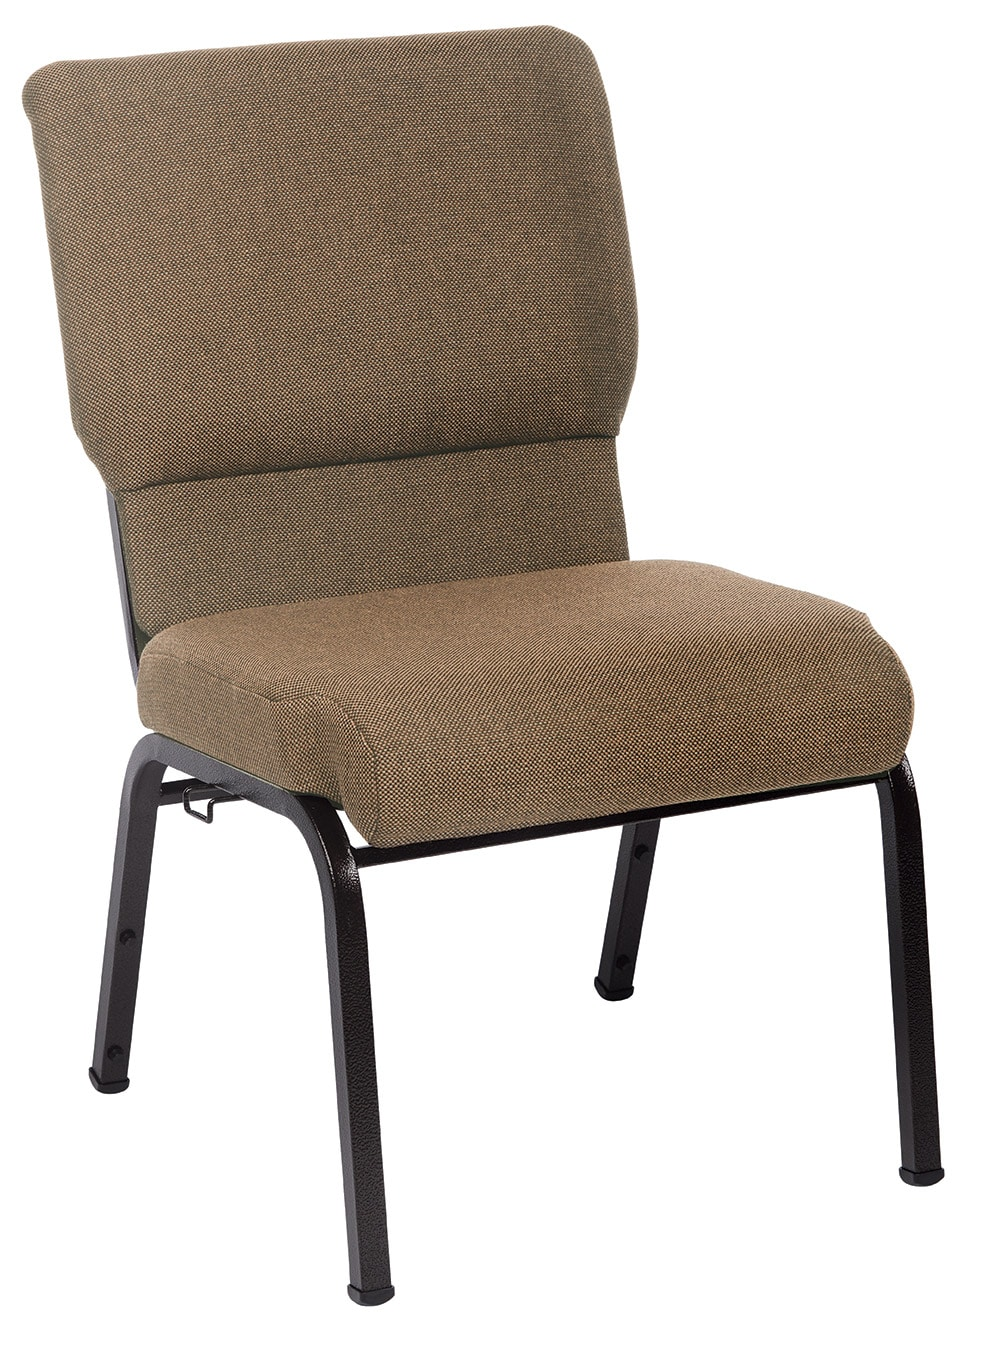 Khaki Jericho church chair 20.5 inches wide